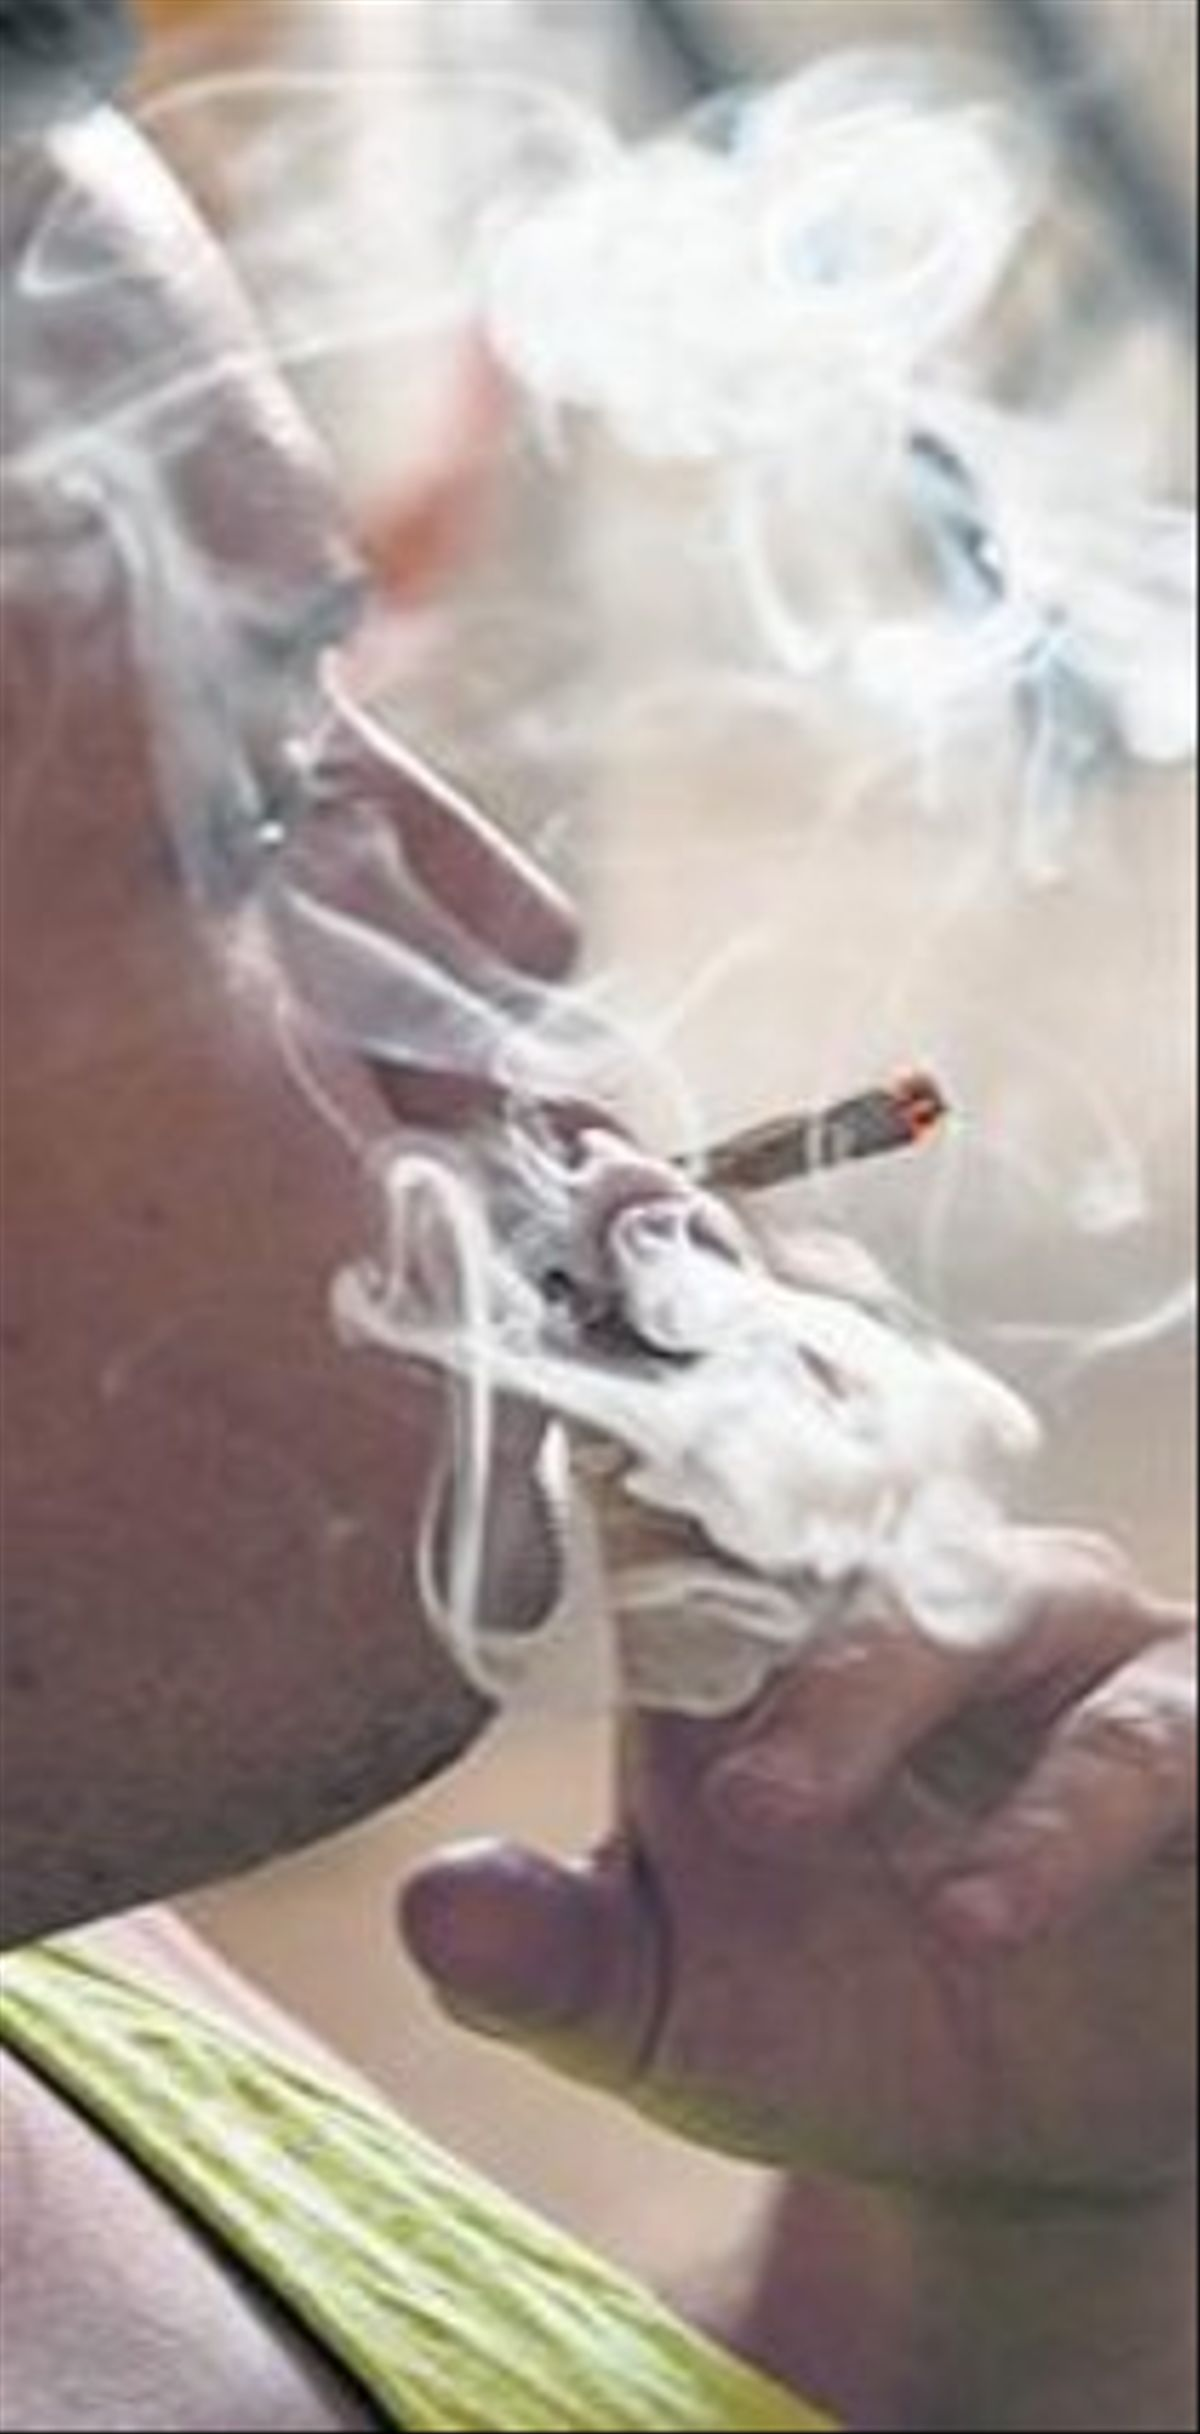 Un joven fuma en un club.